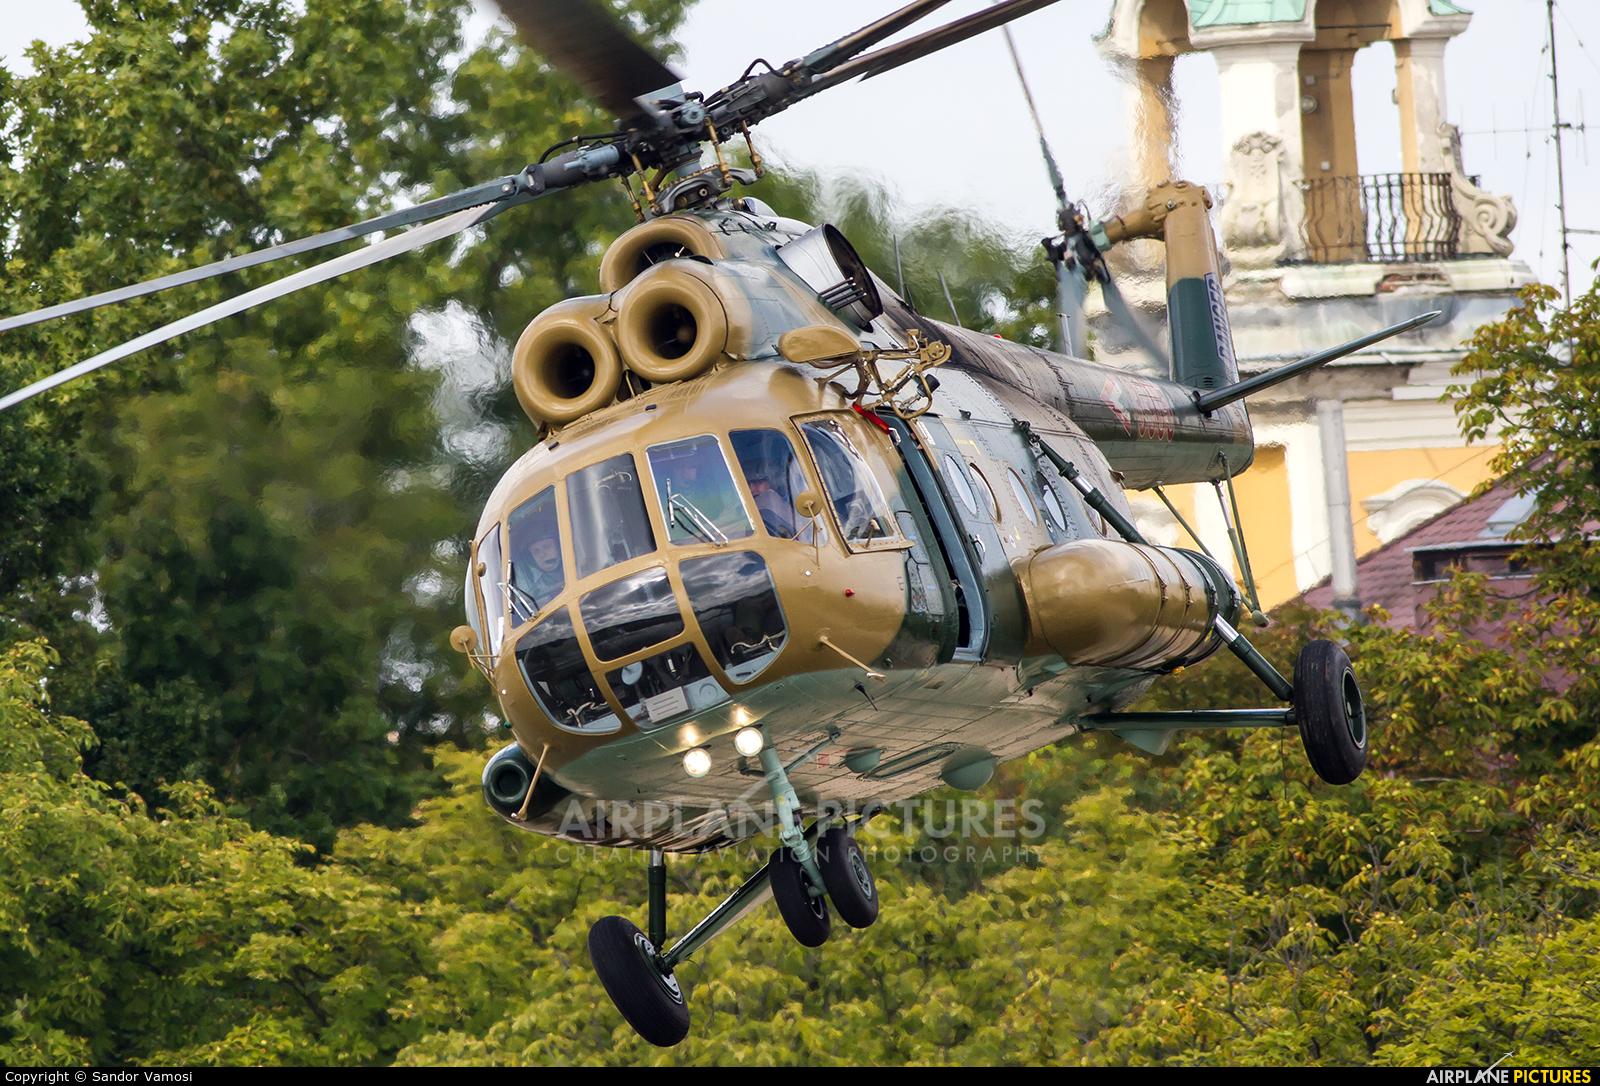 Hungary - Air Force 3305 aircraft at Off Airport - Hungary